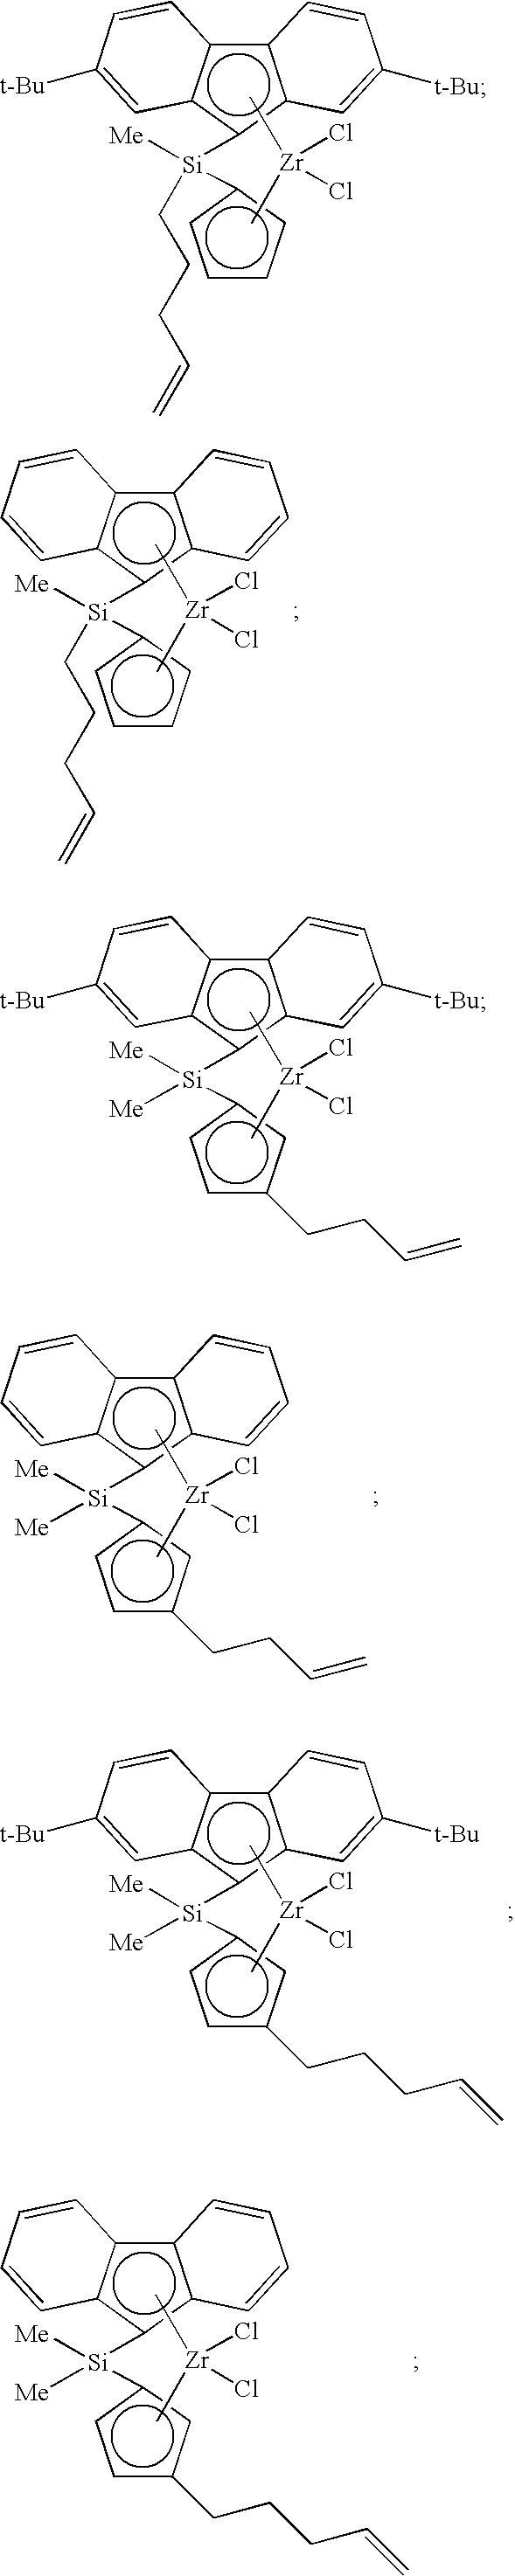 Figure US20100331505A1-20101230-C00013